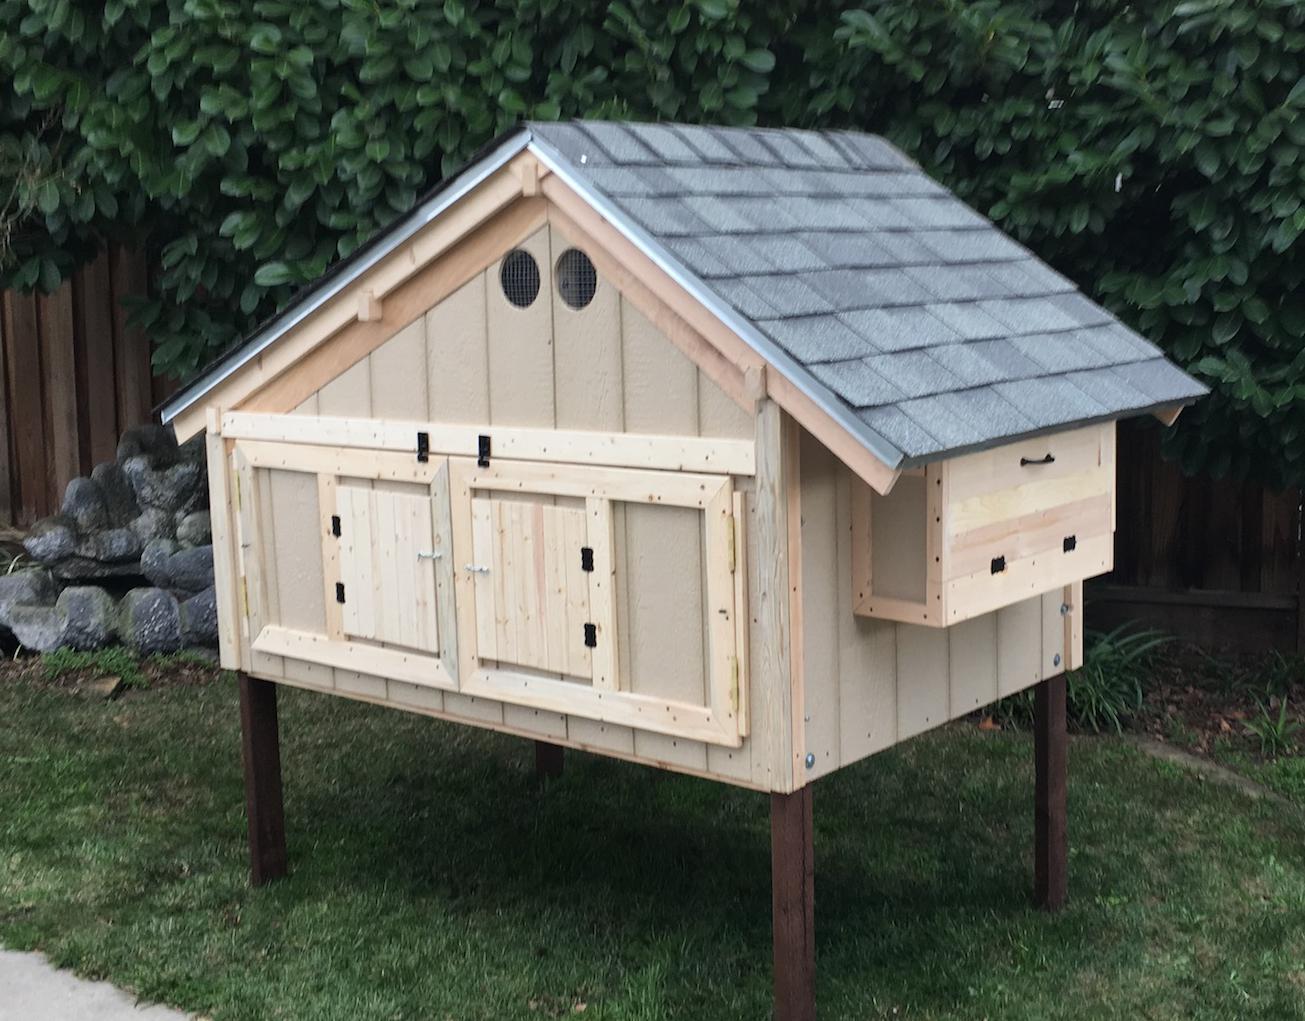 A Modular Ikea Style Coop For An Urban Backyard Backyard